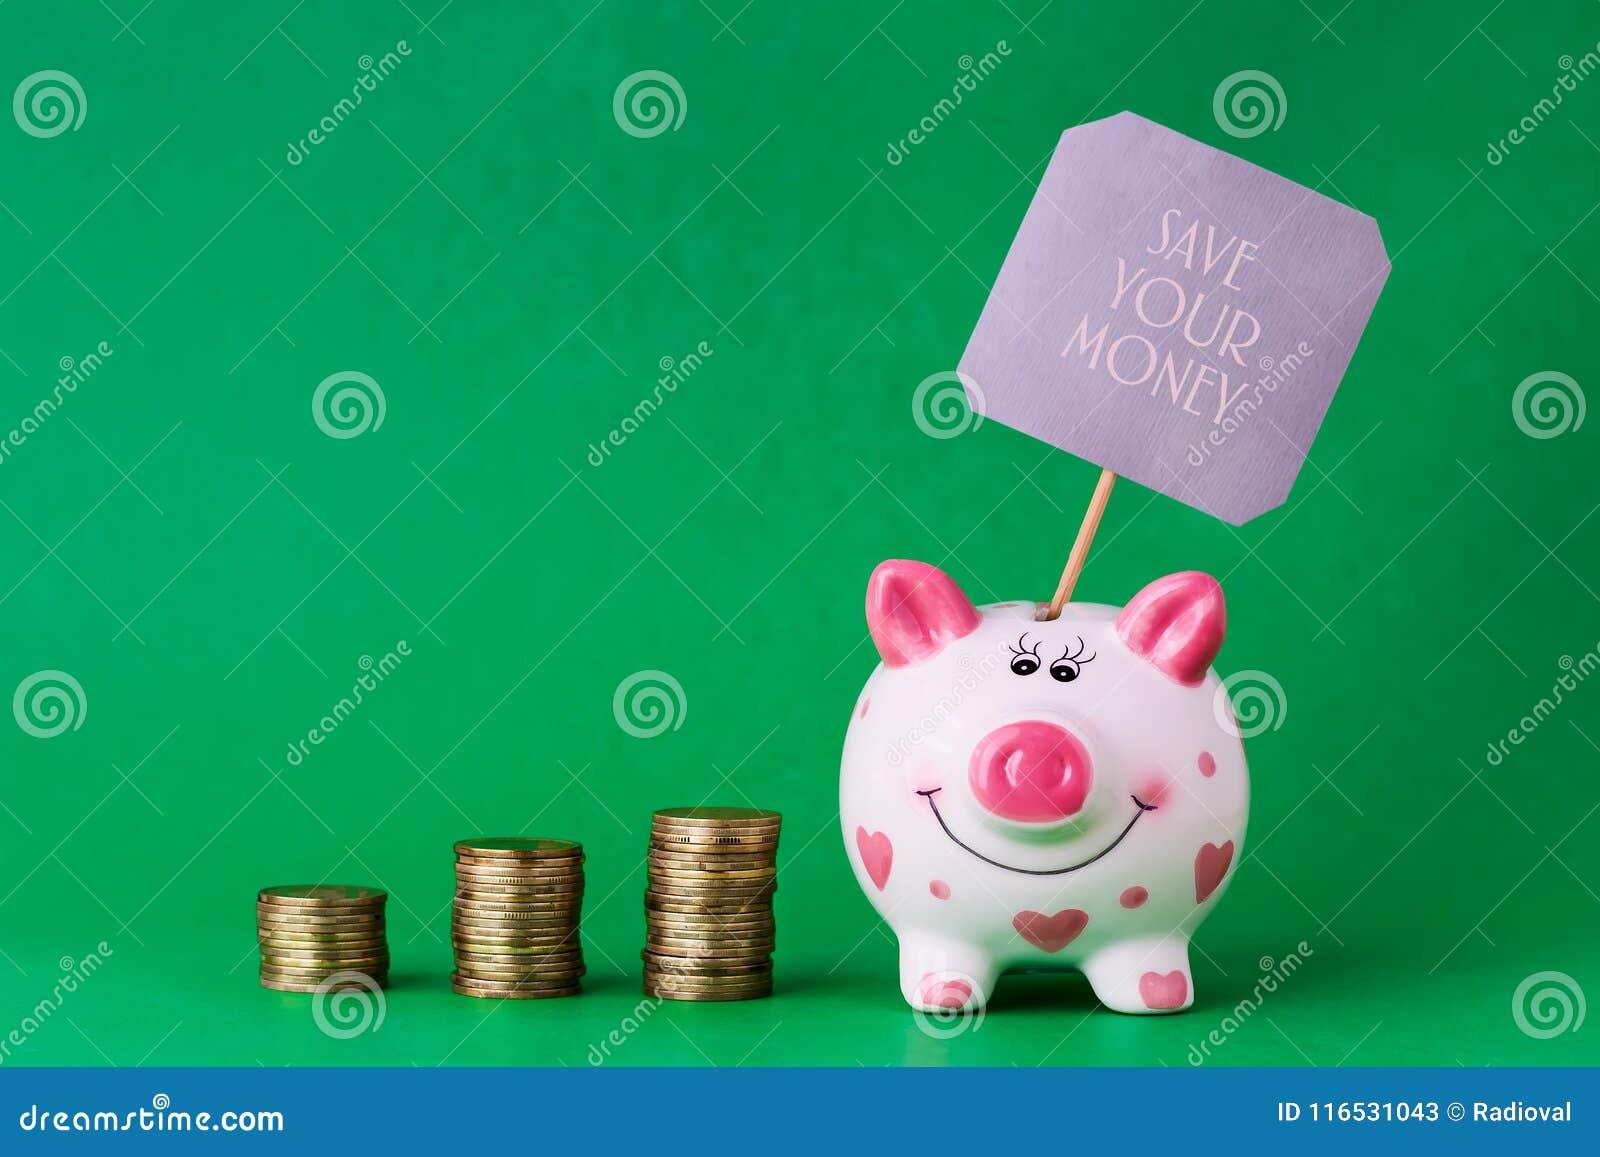 存钱罐和塔硬币 题字救球您的金钱 复制空间